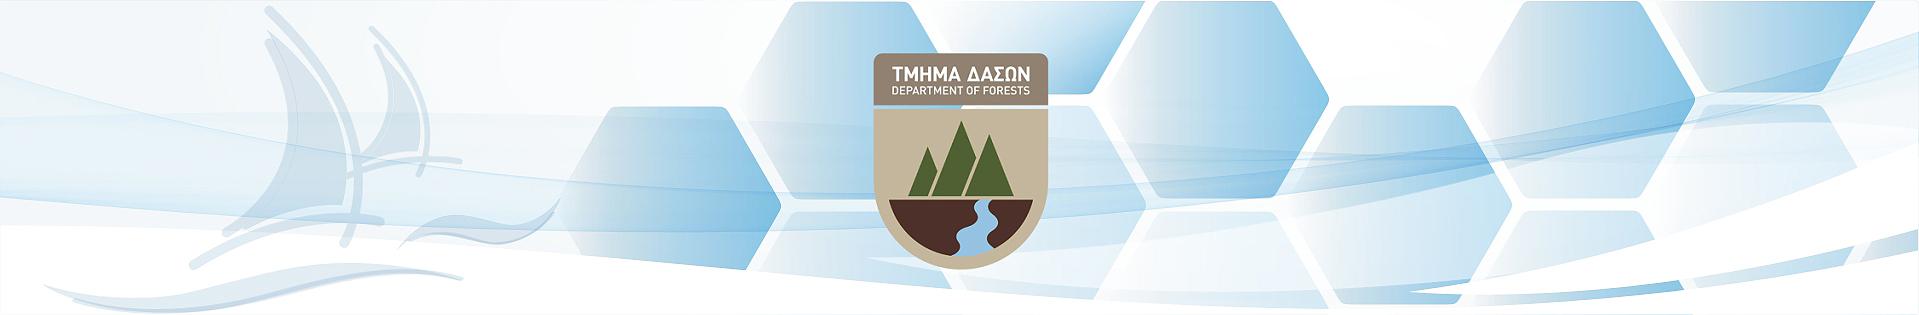 Τμήμα Δασών Υπουργείου Γεωργίας, Αγροτικής Ανάπτυξης και Περιβάλλοντος